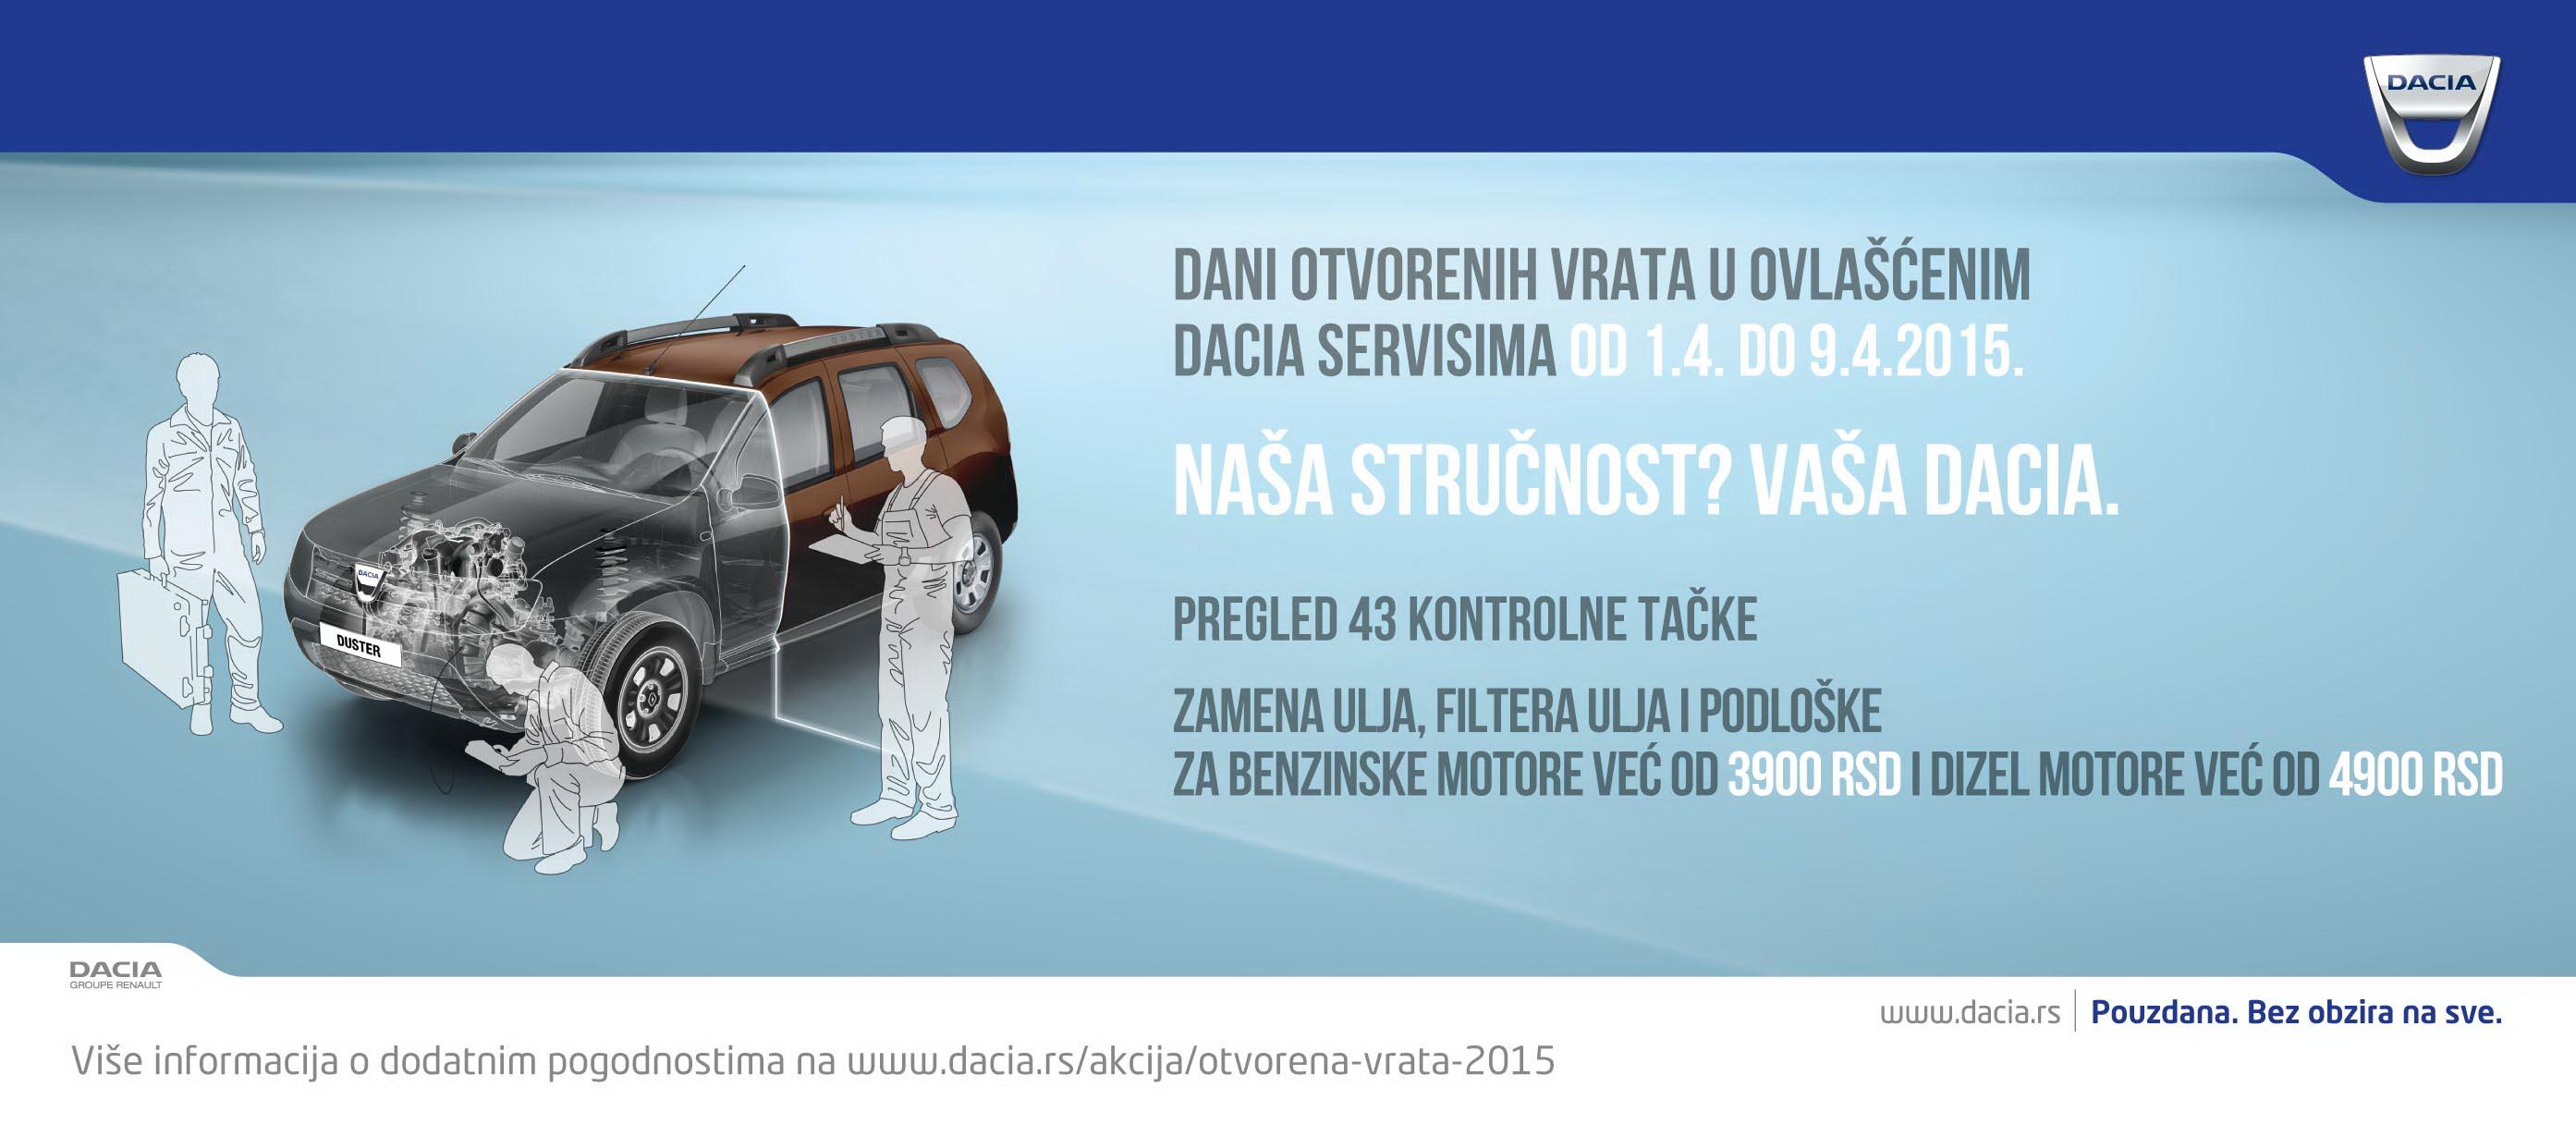 Dani otvorenih vrata u ovlašćenom Dacia servis-u  od 01.04 do 09.04.2015.